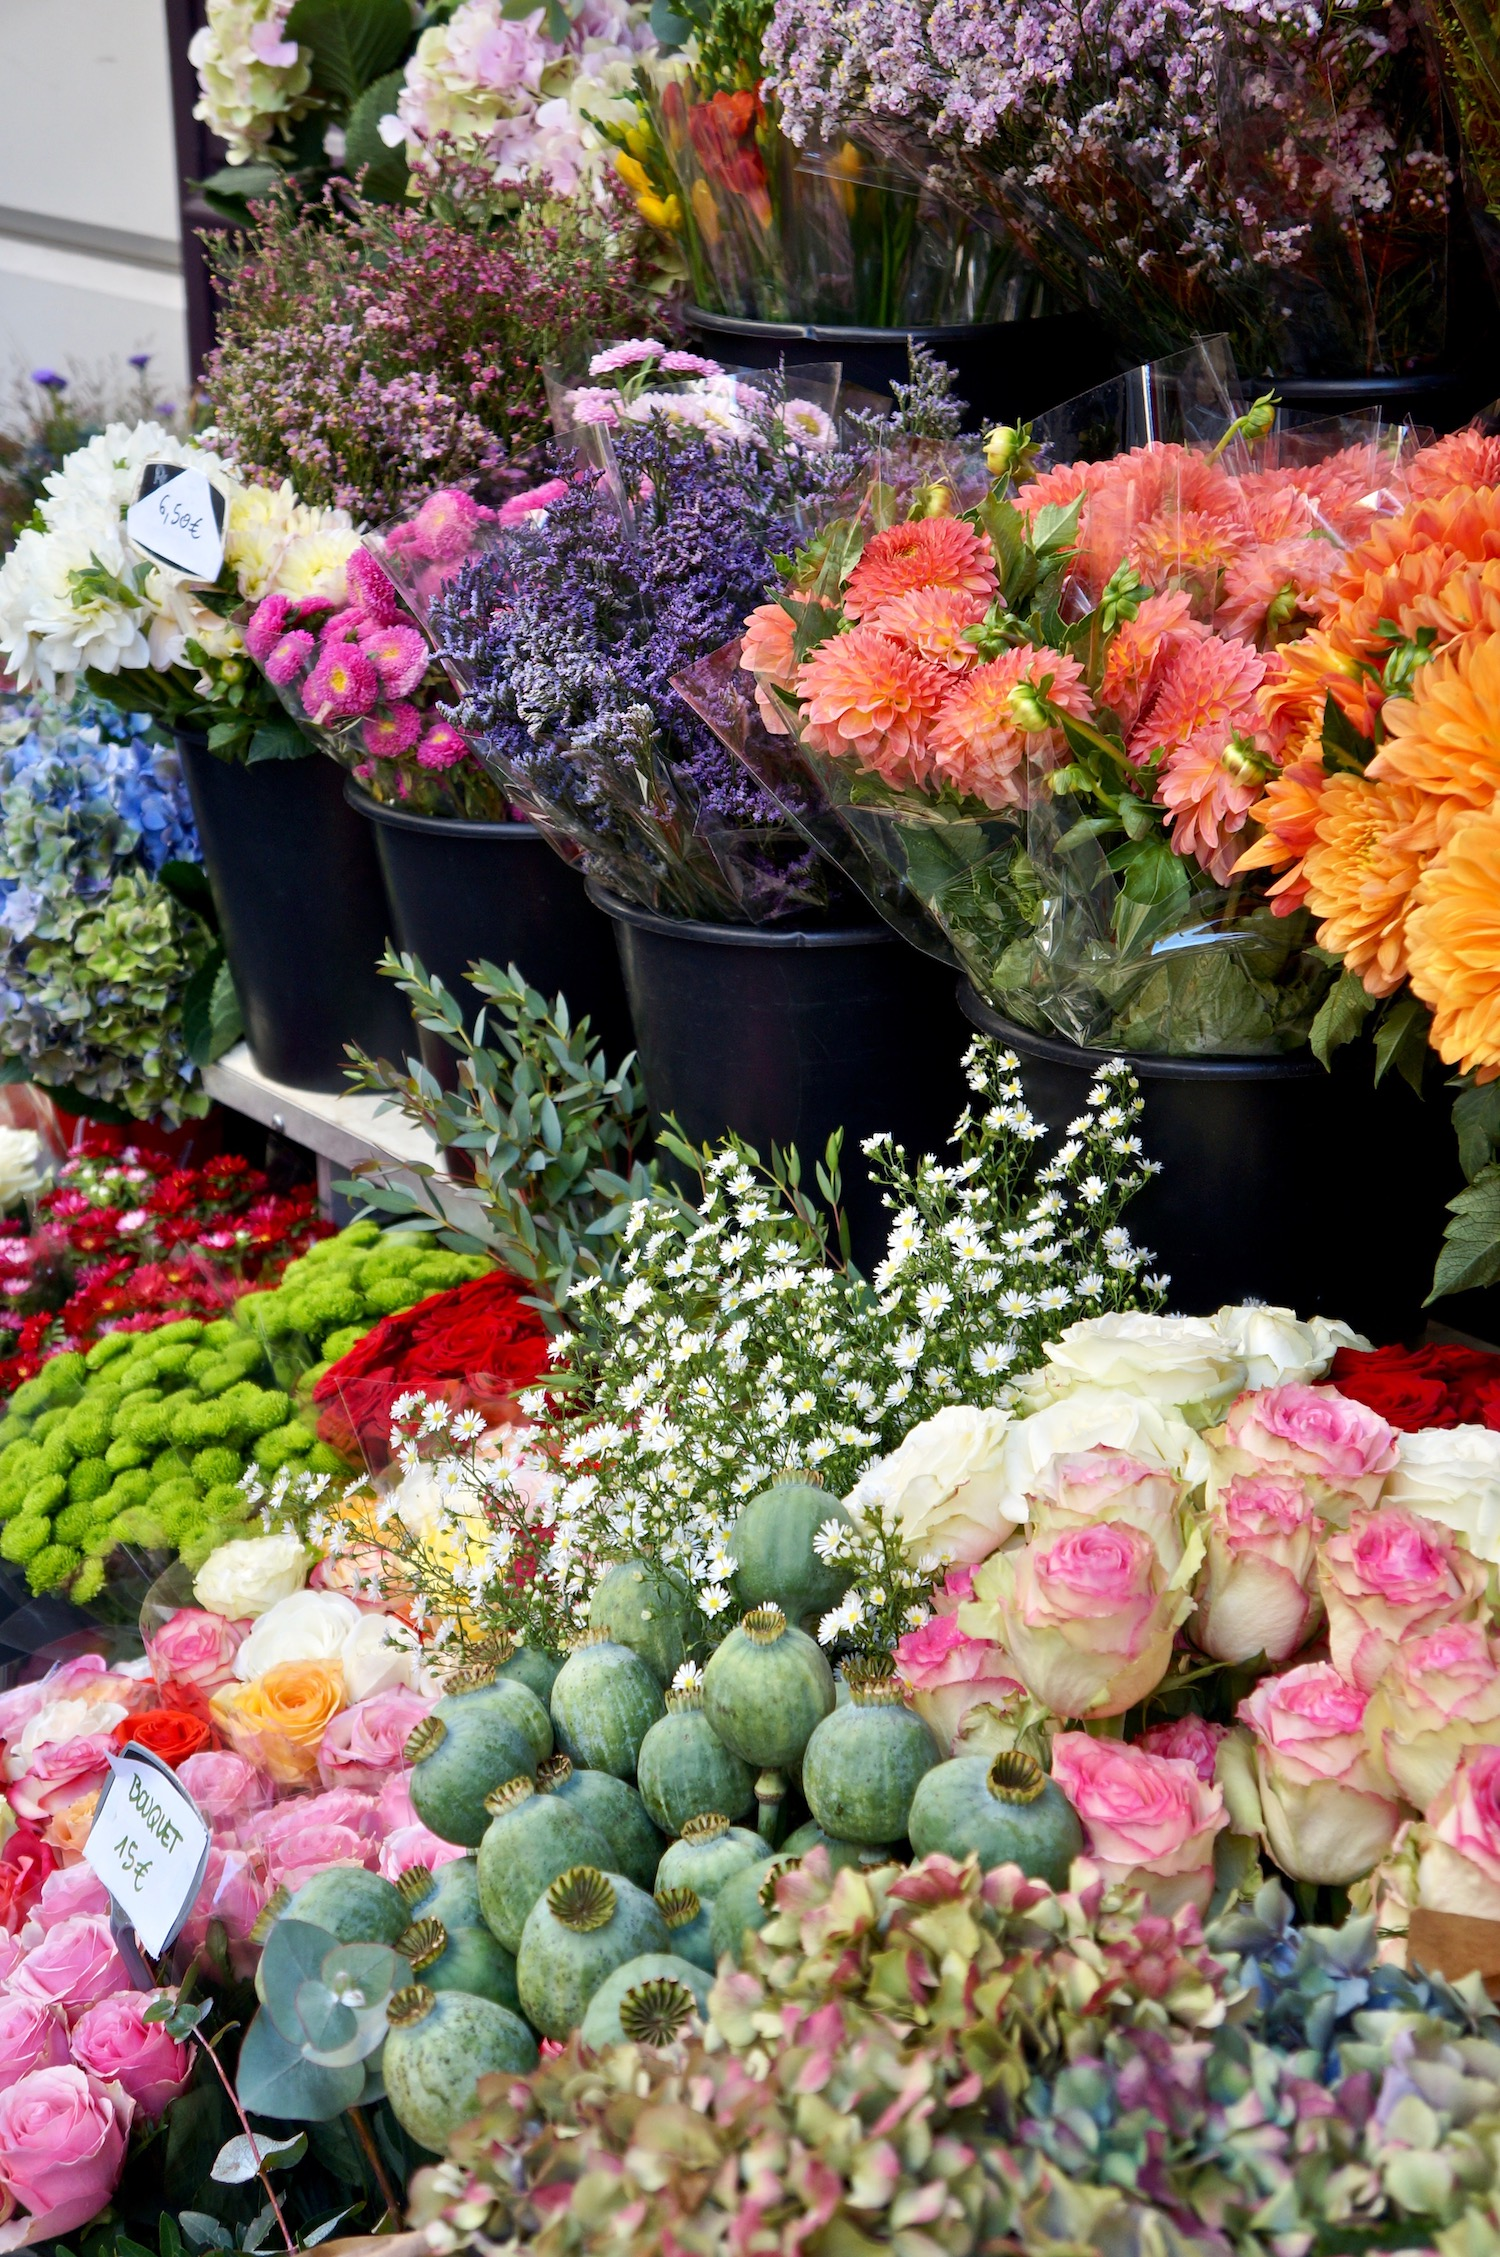 september in paris flowers